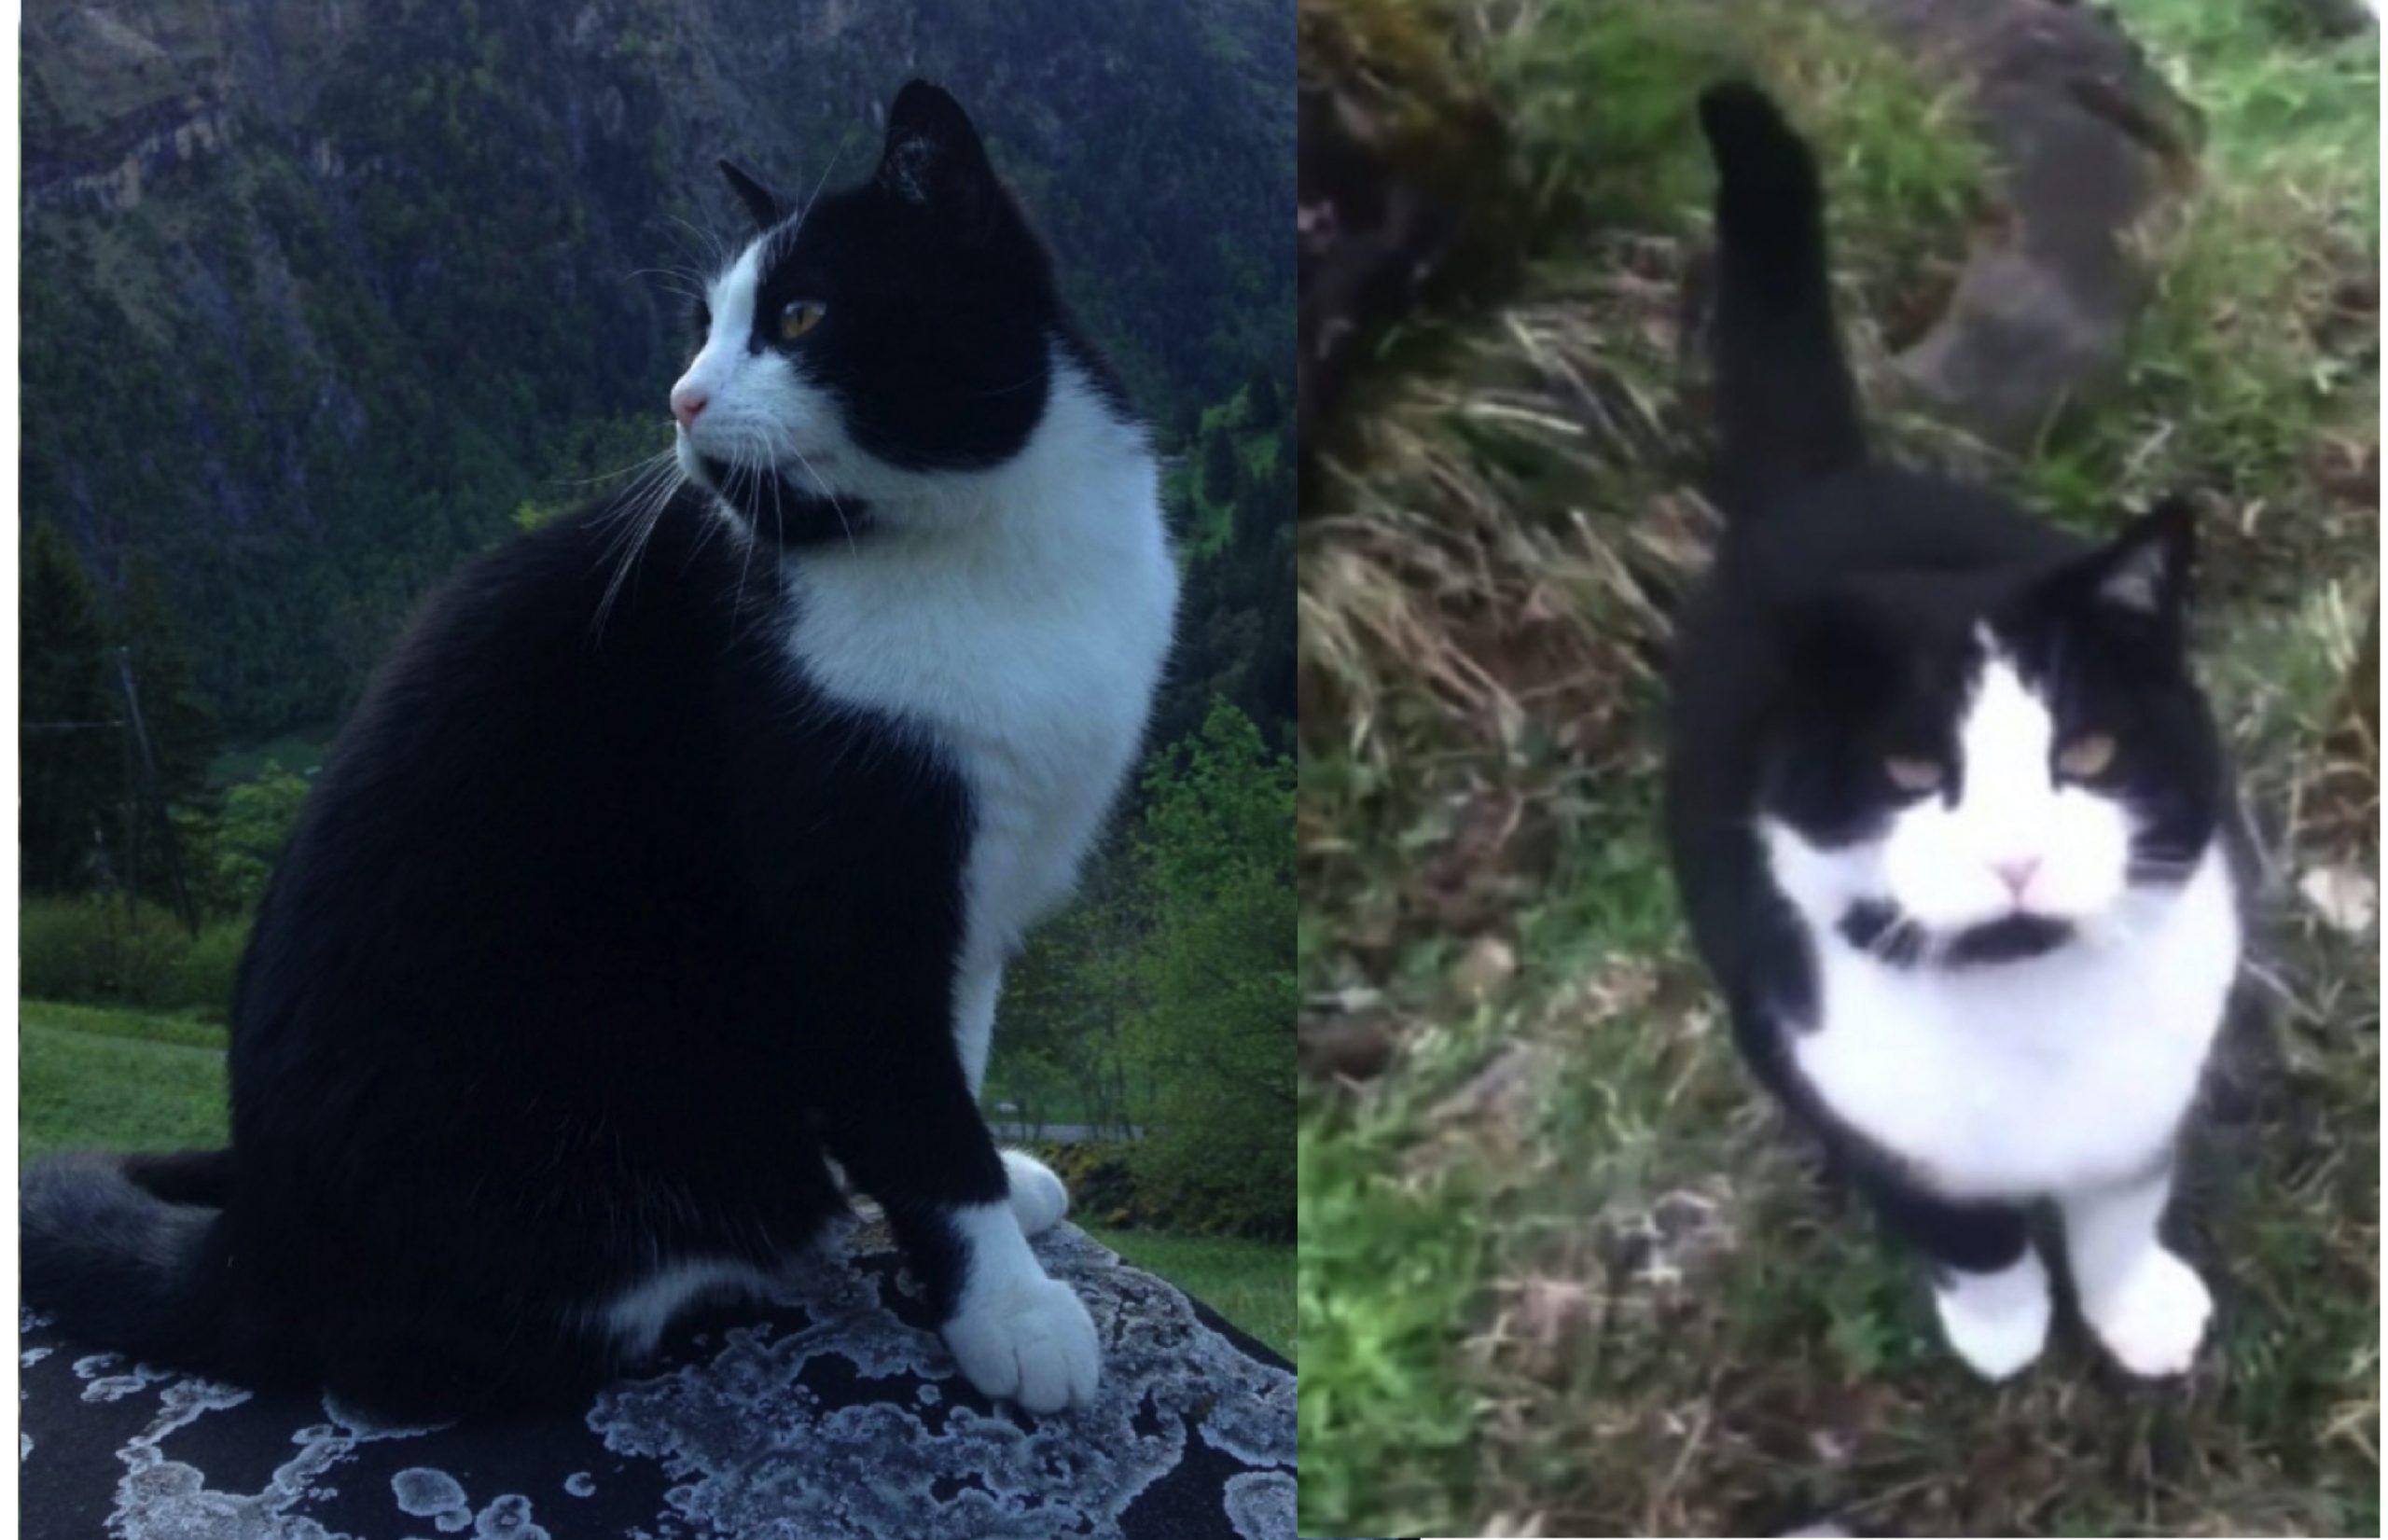 Pendaki Sesat Keseorangan Di Kawasan Pergunungan, Diselamatkan Kucing Yang Muncul Entah Dari Mana - arenagempak.com